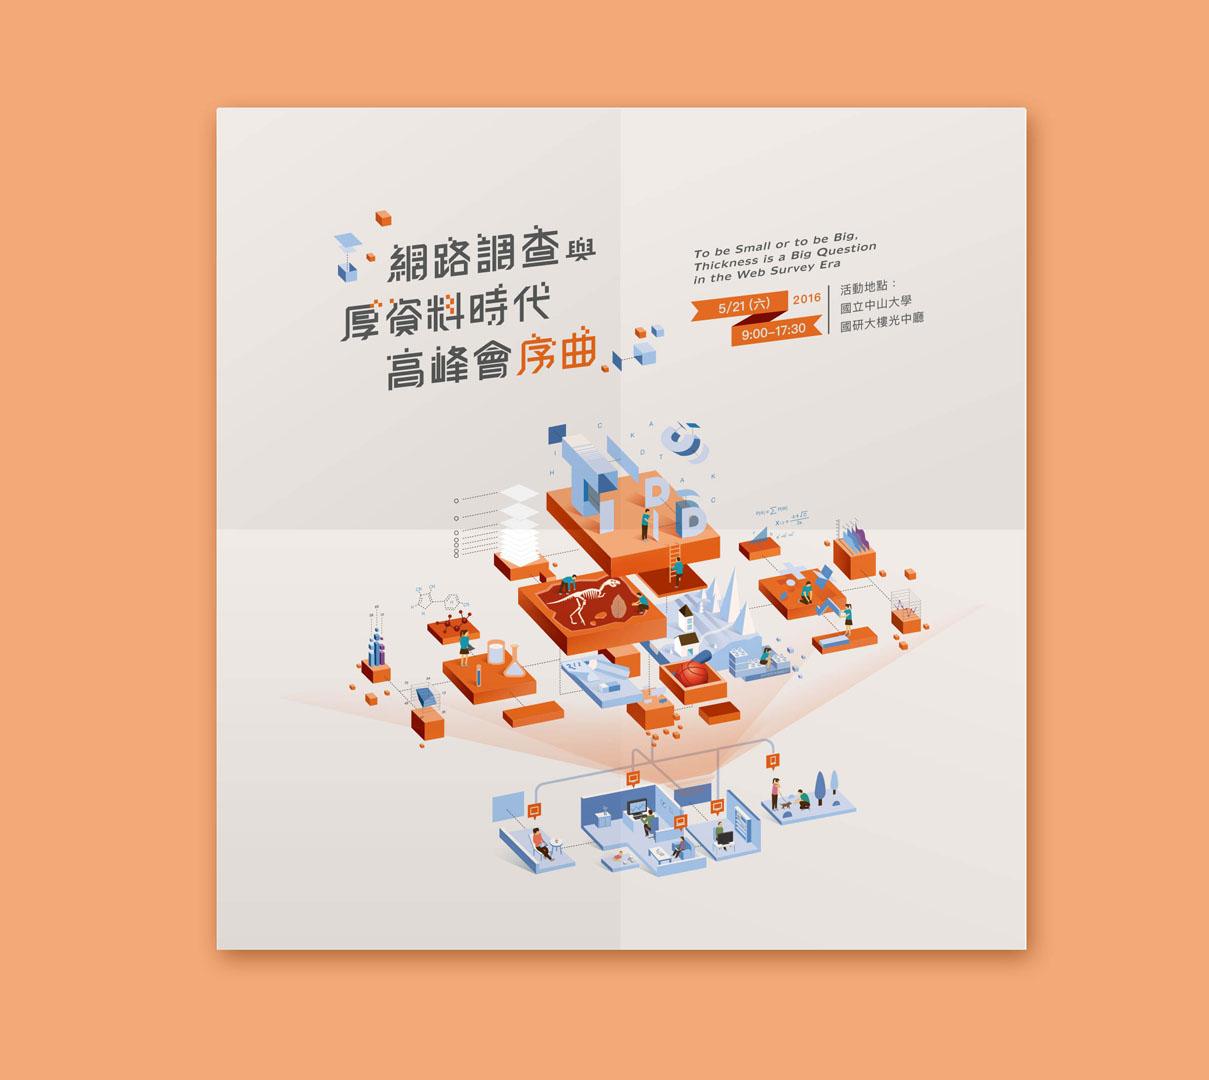 2016.04. 微笑小熊 網路調查與後資料時代高峰會序曲 活動主視覺設計 - 手心設計事務所